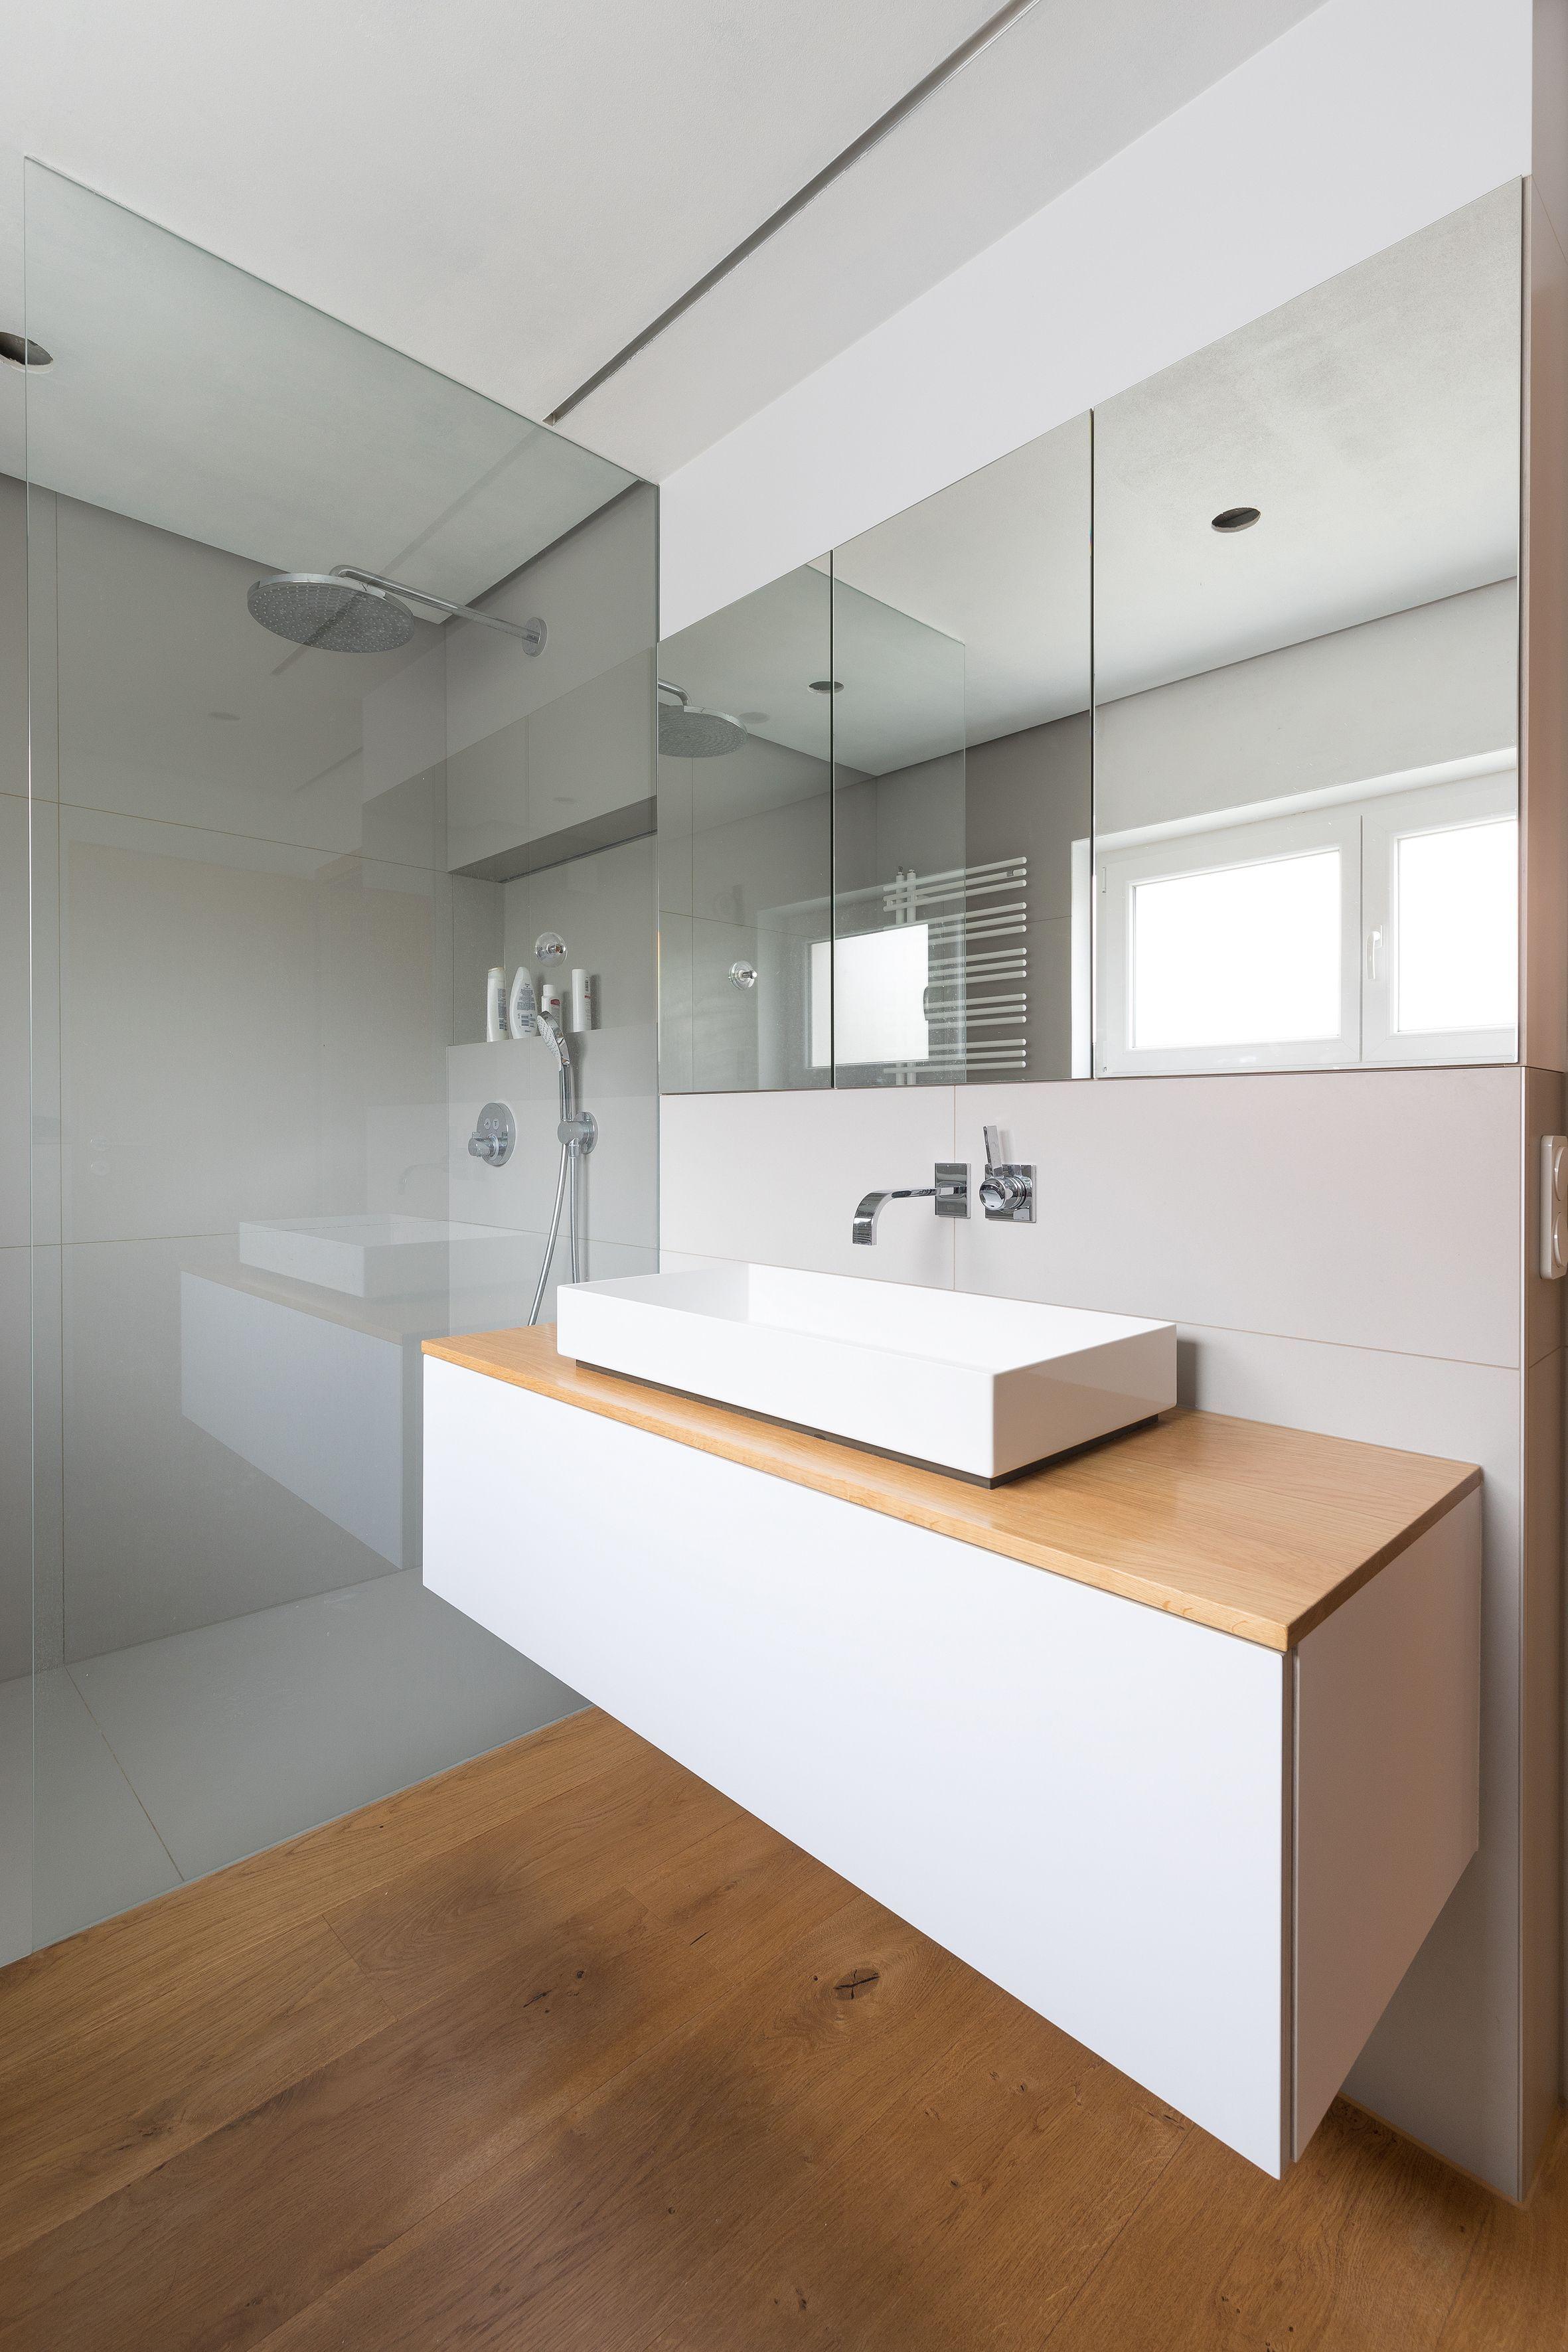 Bad Badezimmer Einbauschrank Badezimmerschrank Schrank Unterschrank Waschbeckenunterschrank Wasch In 2020 Small Bathroom Vanities Unfinished Bathroom Vanities Bathroom